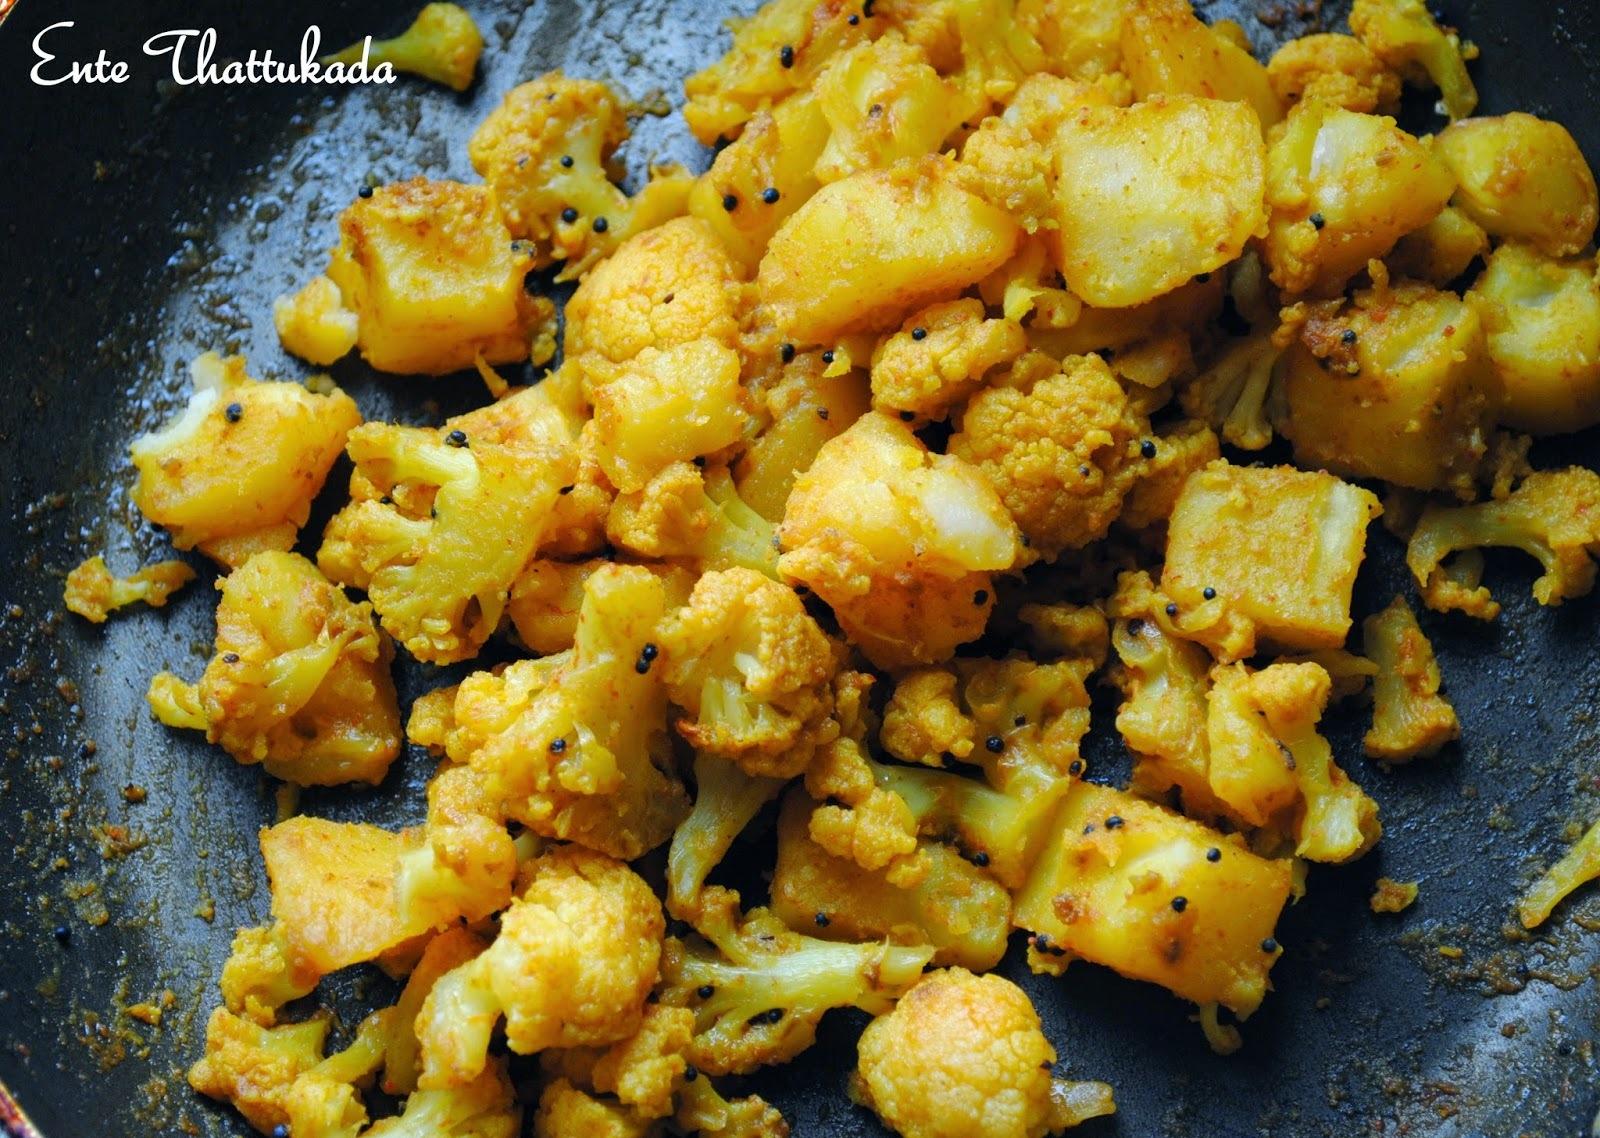 Potato Cauliflower Stir Fry